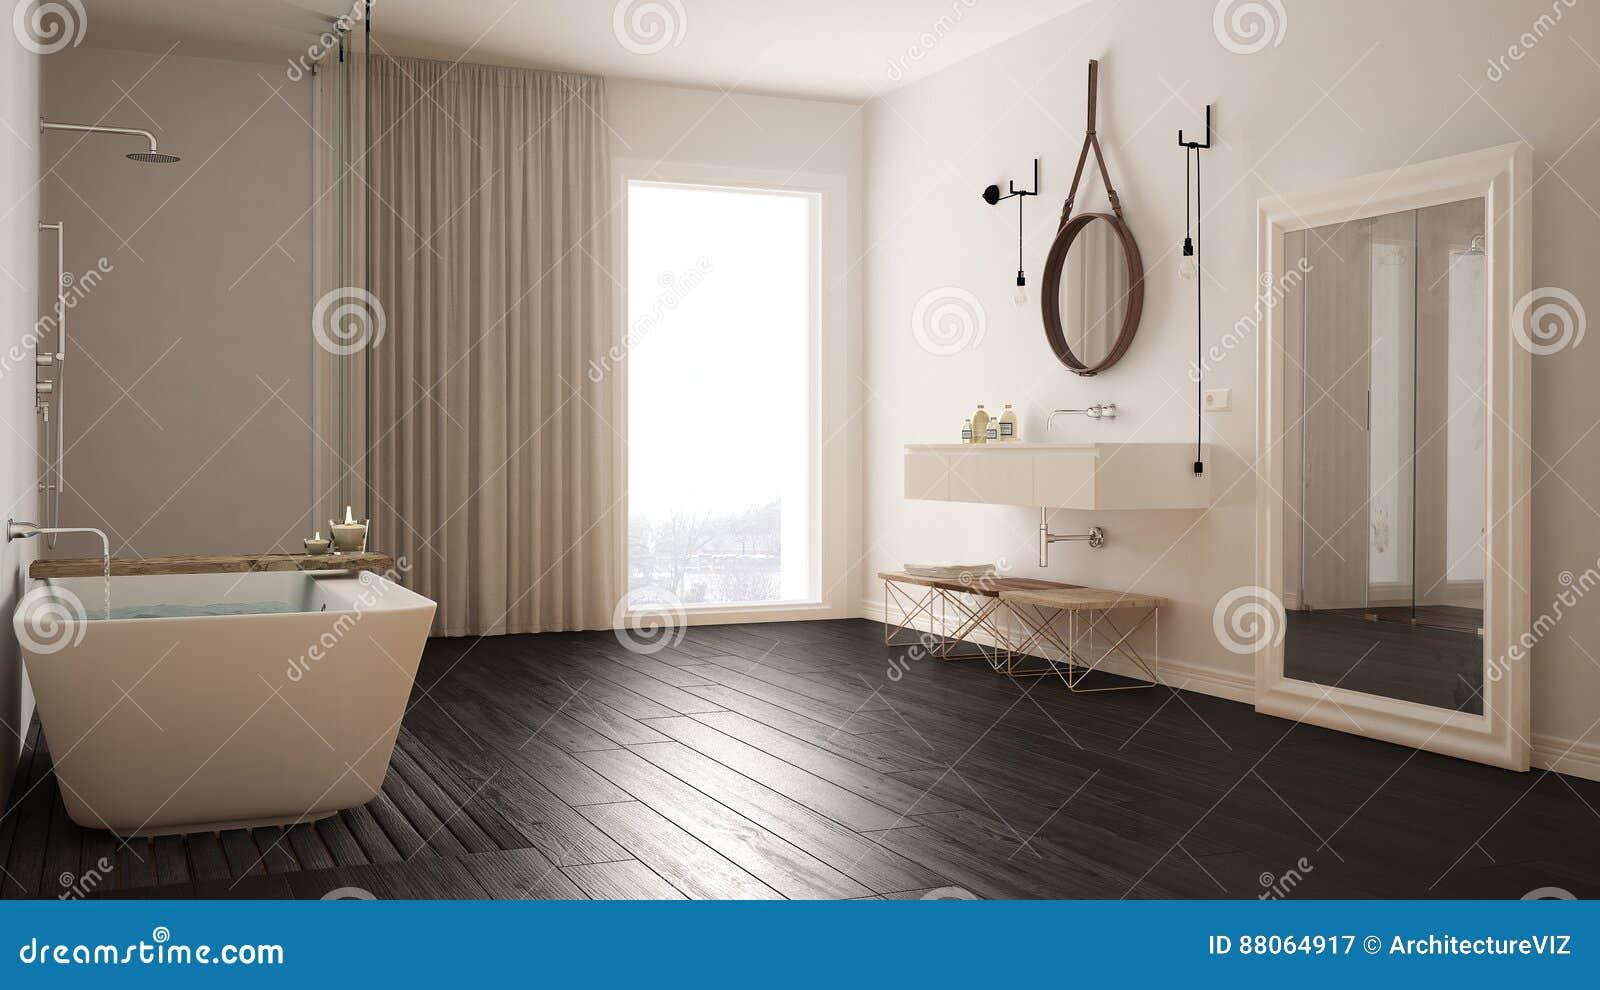 Design Bagno Classico : Bagno classico interior design minimalistic moderno immagine stock